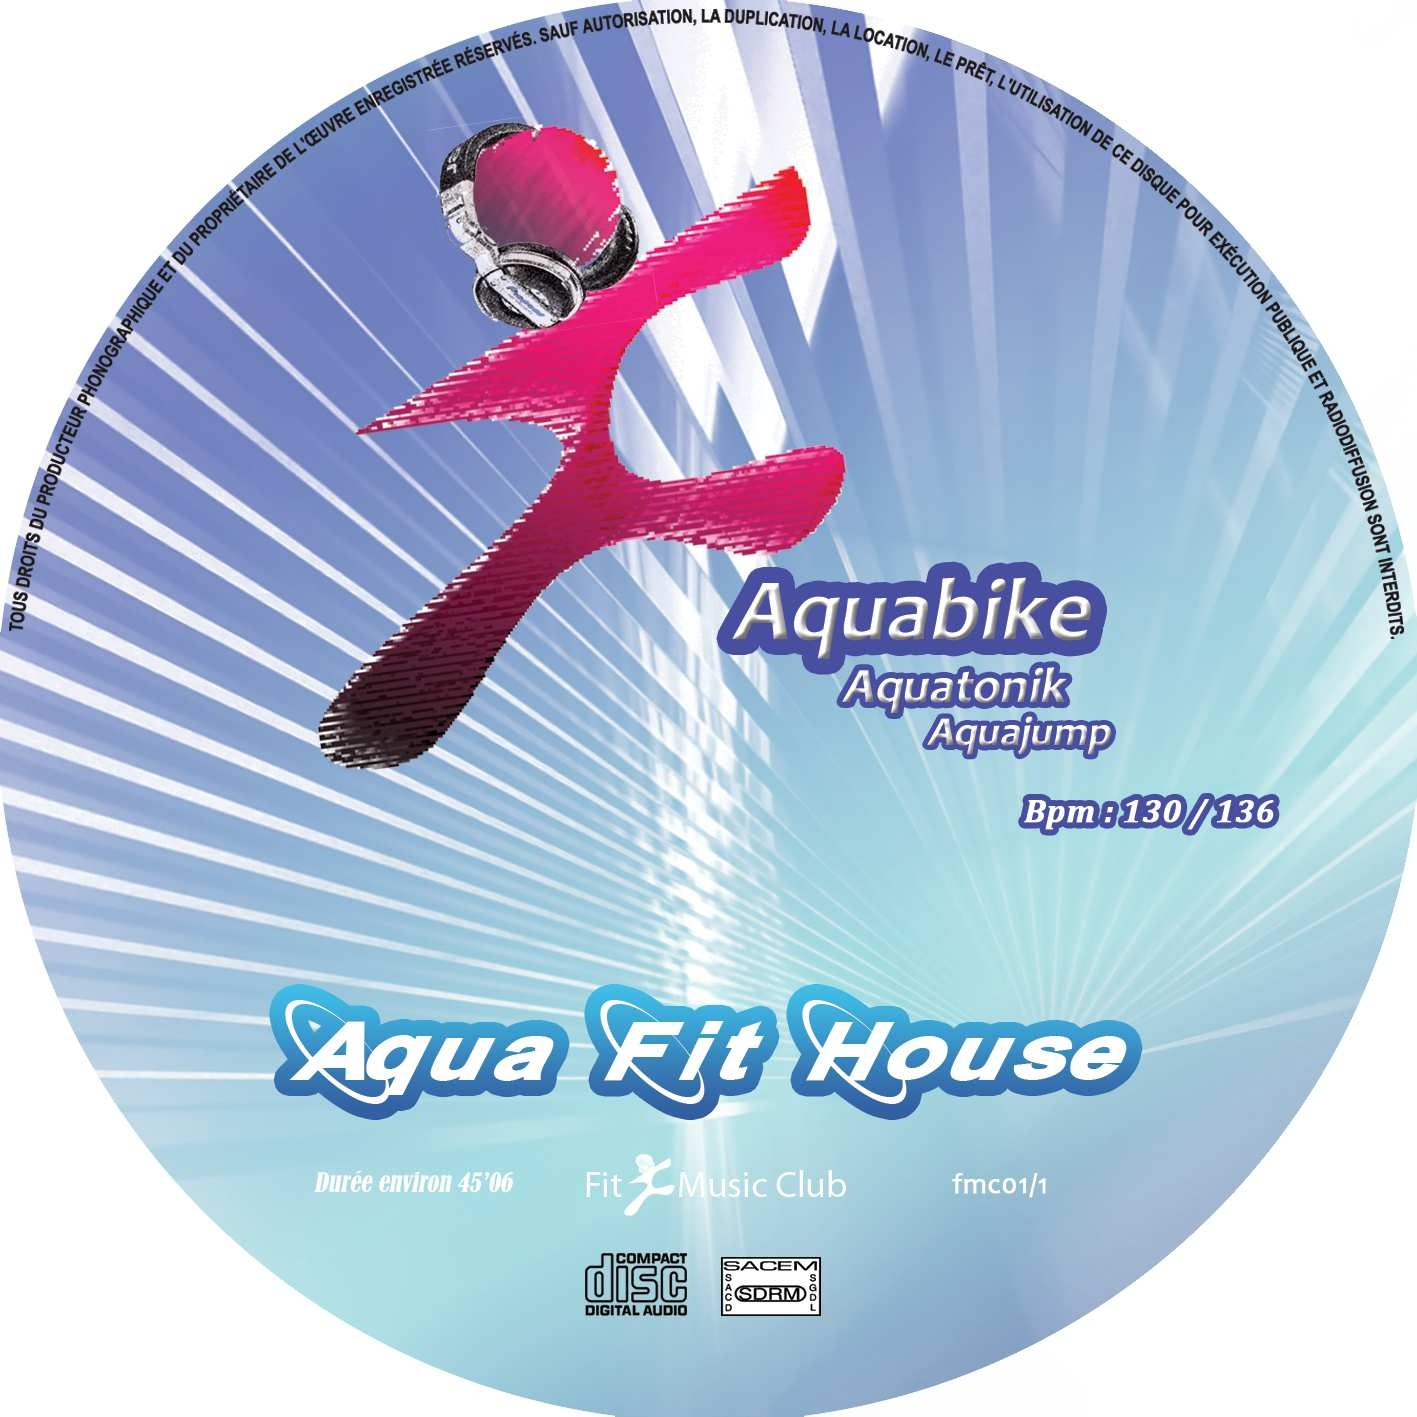 Aqua Fit House / Aquabike / Aquatonik / Aquajump